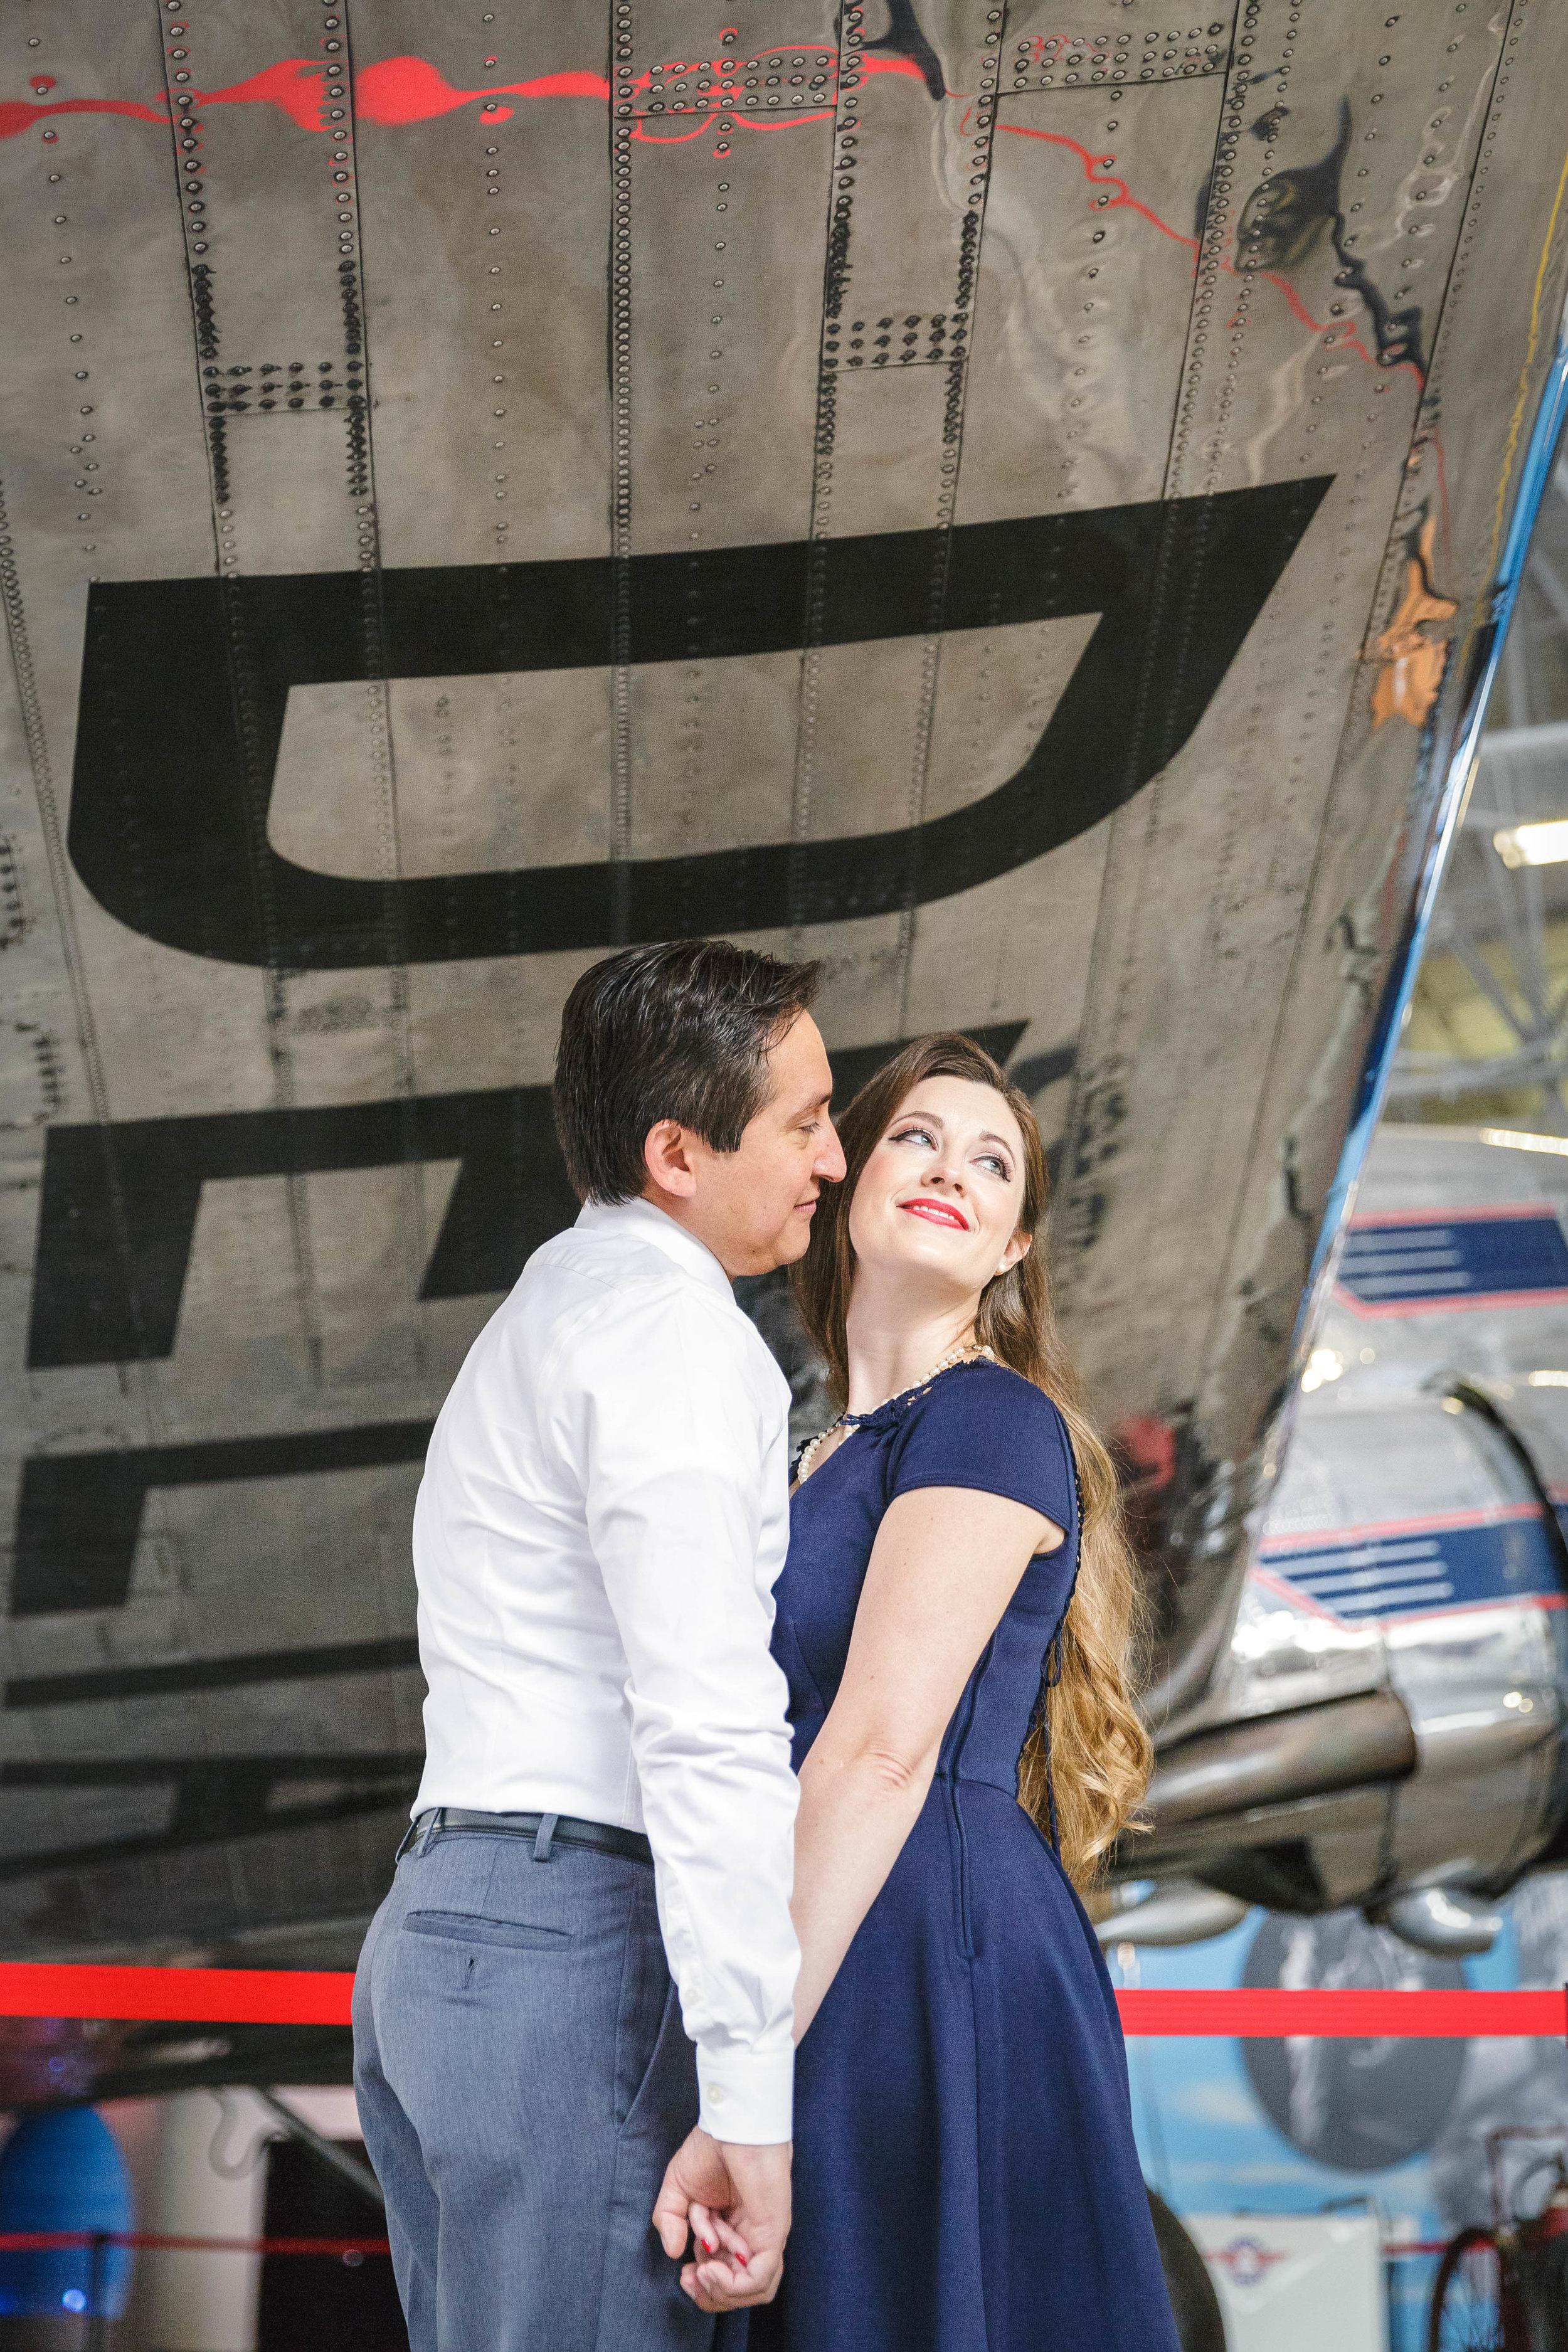 Laura_Marco_website-26.jpg